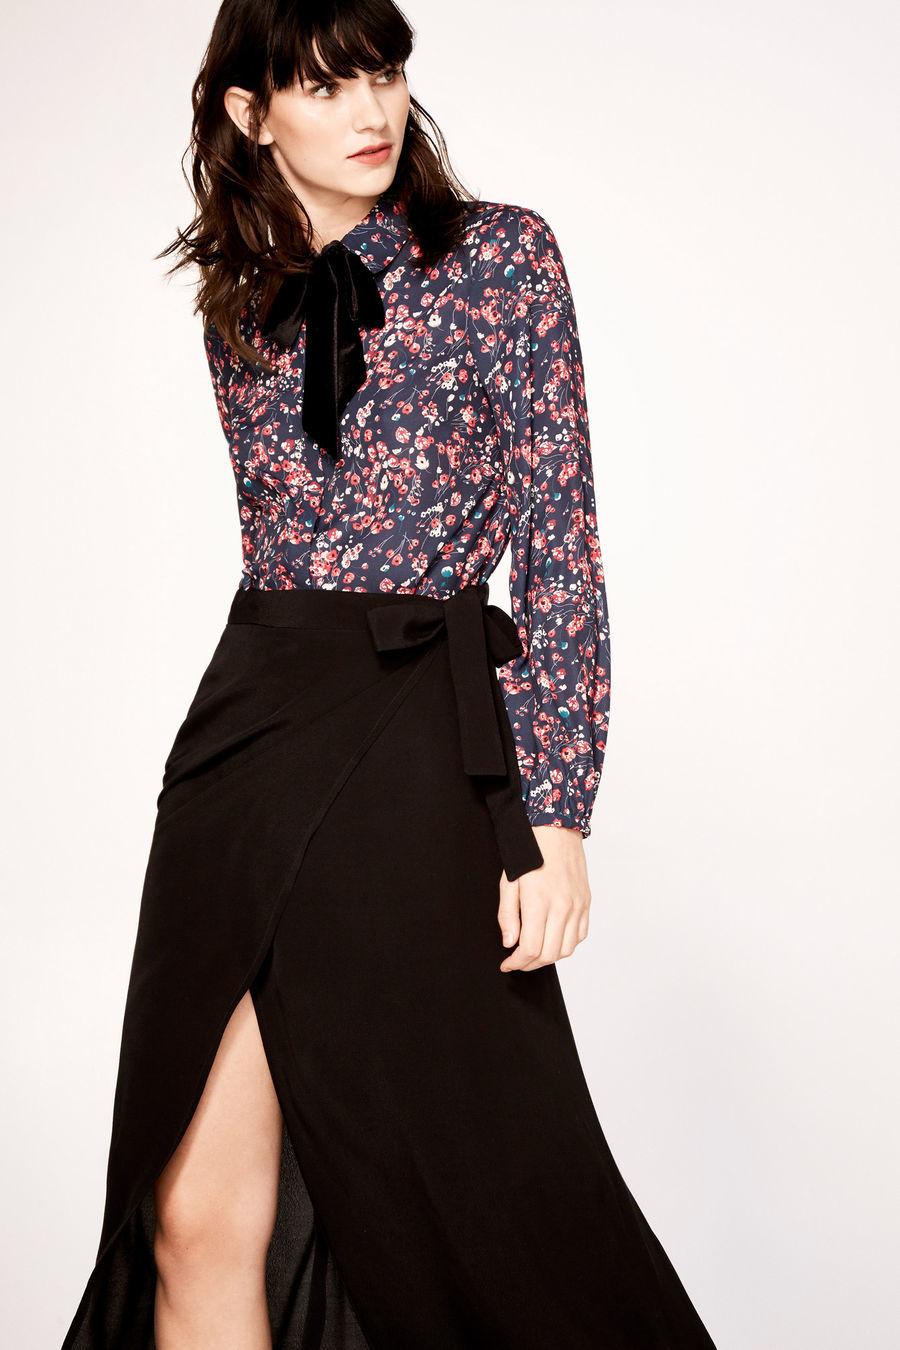 Blusa de terciopelo con estampado floral, de Cortefiel (29,99 euros)